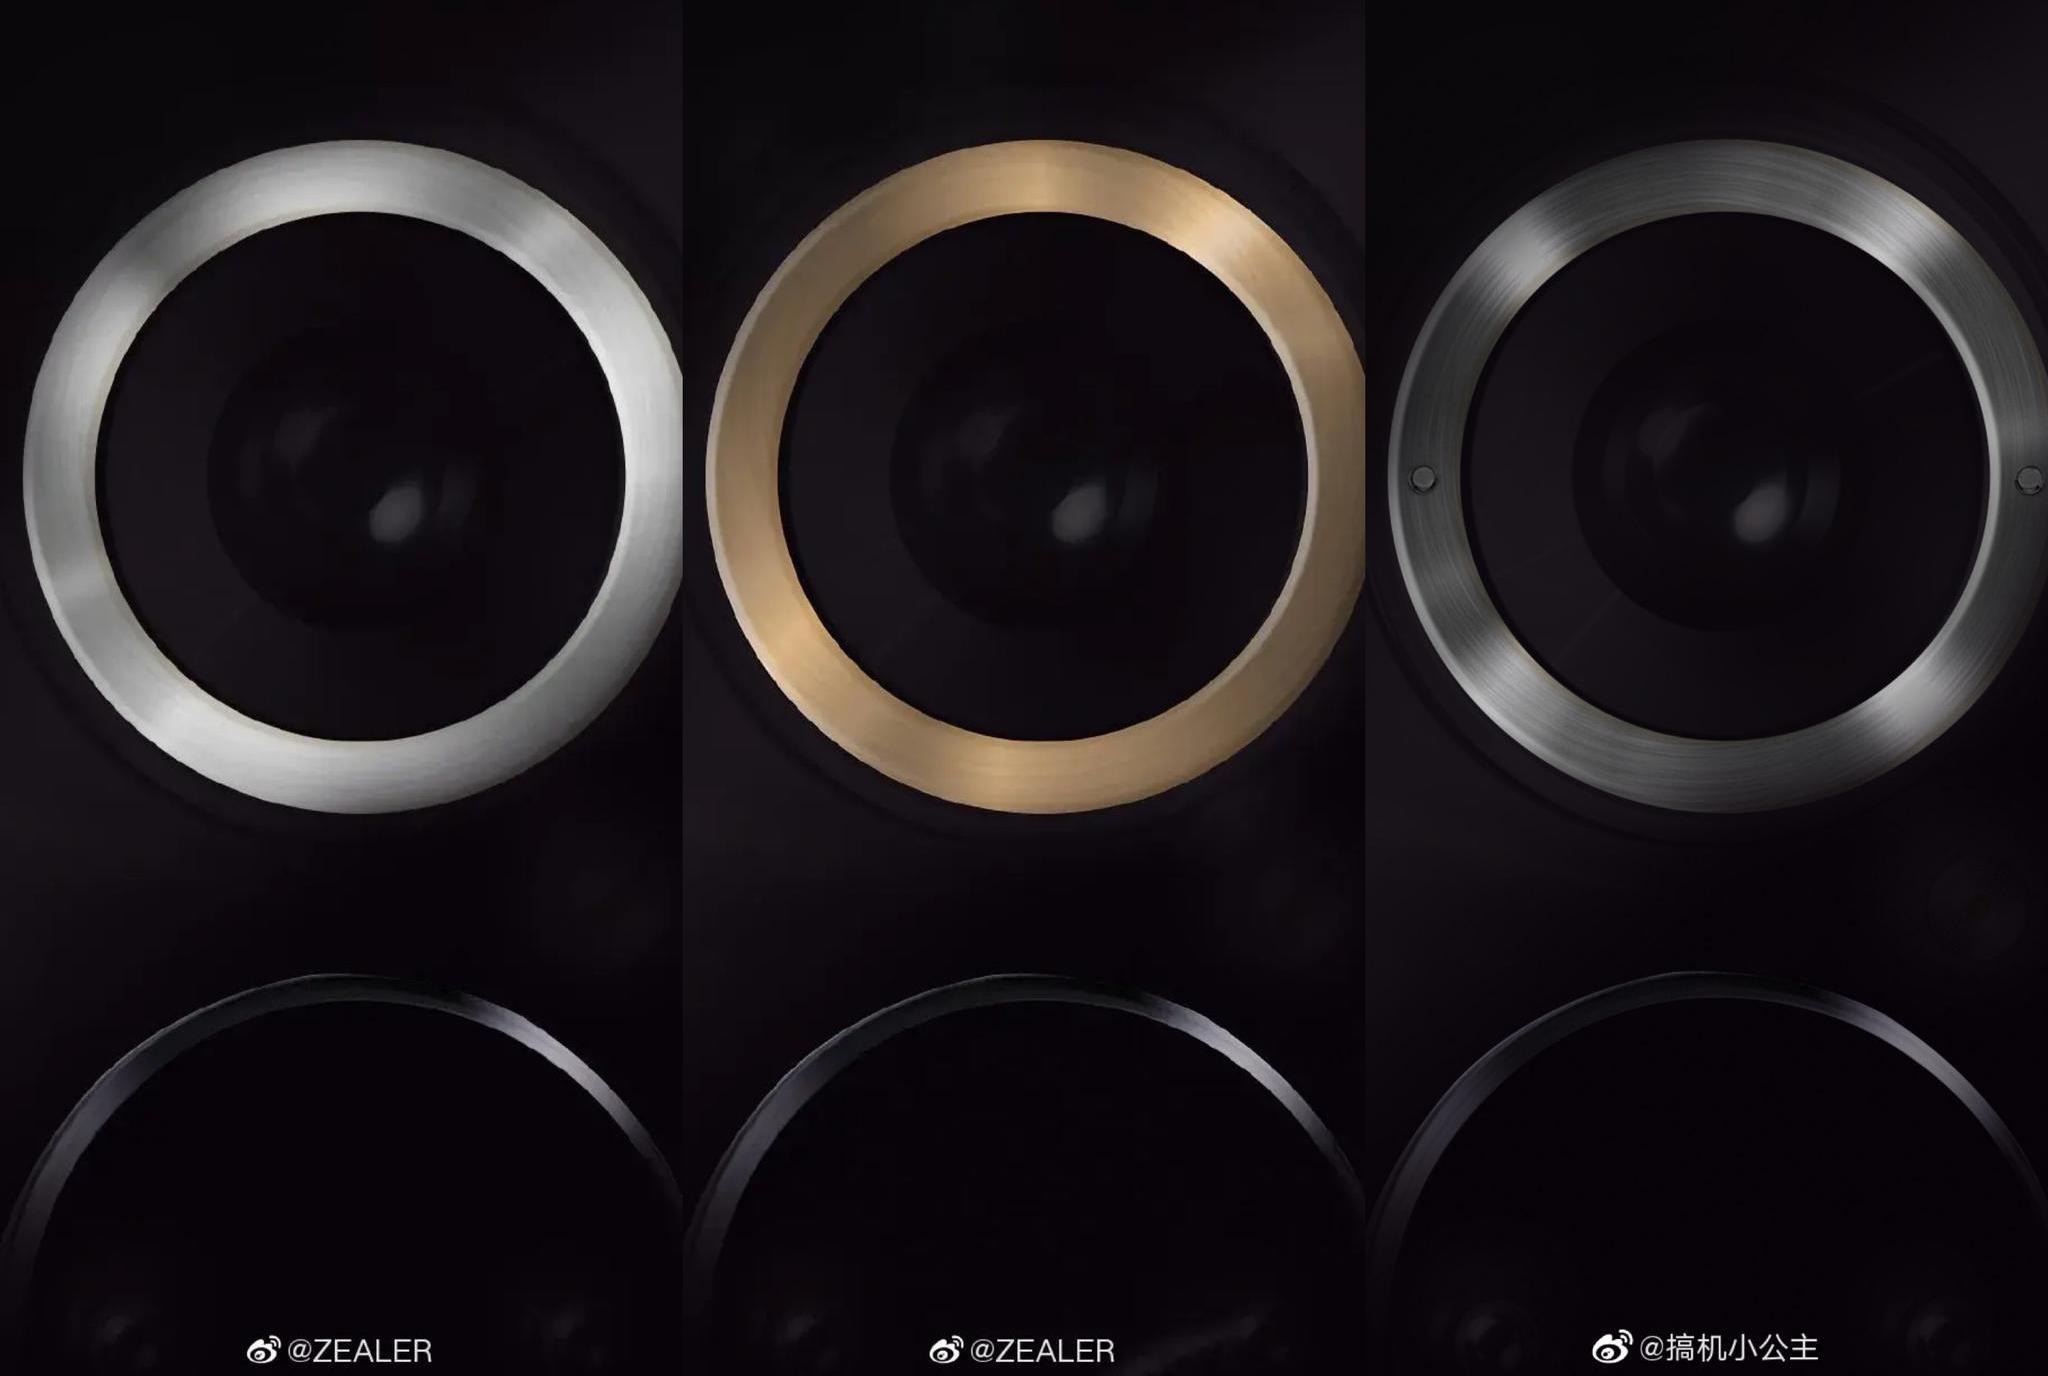 卡地亚戒指镜头+易烊千玺代言,下月发布